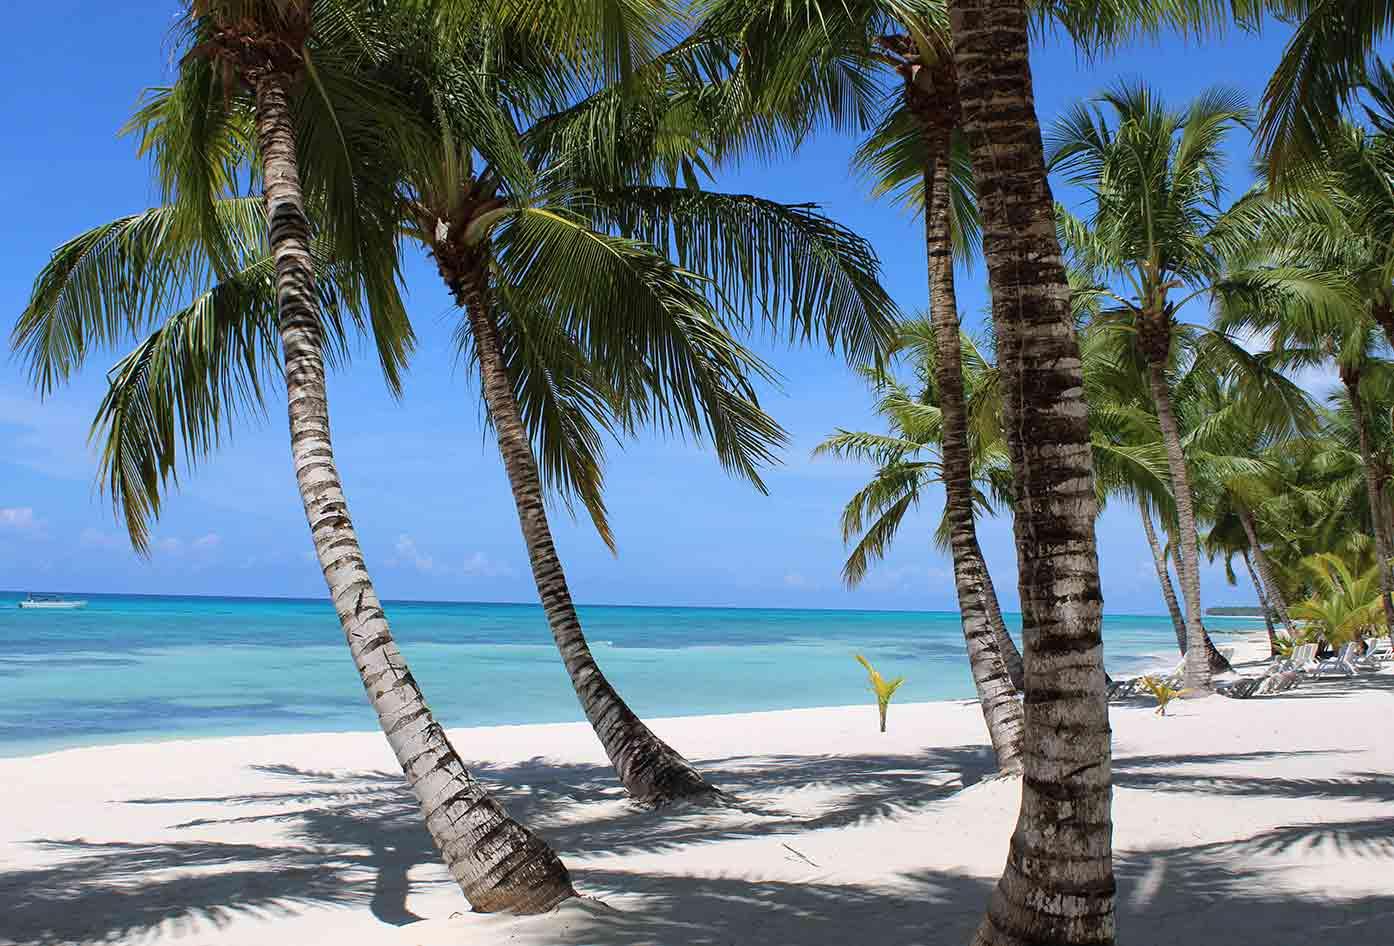 saona island palm trees